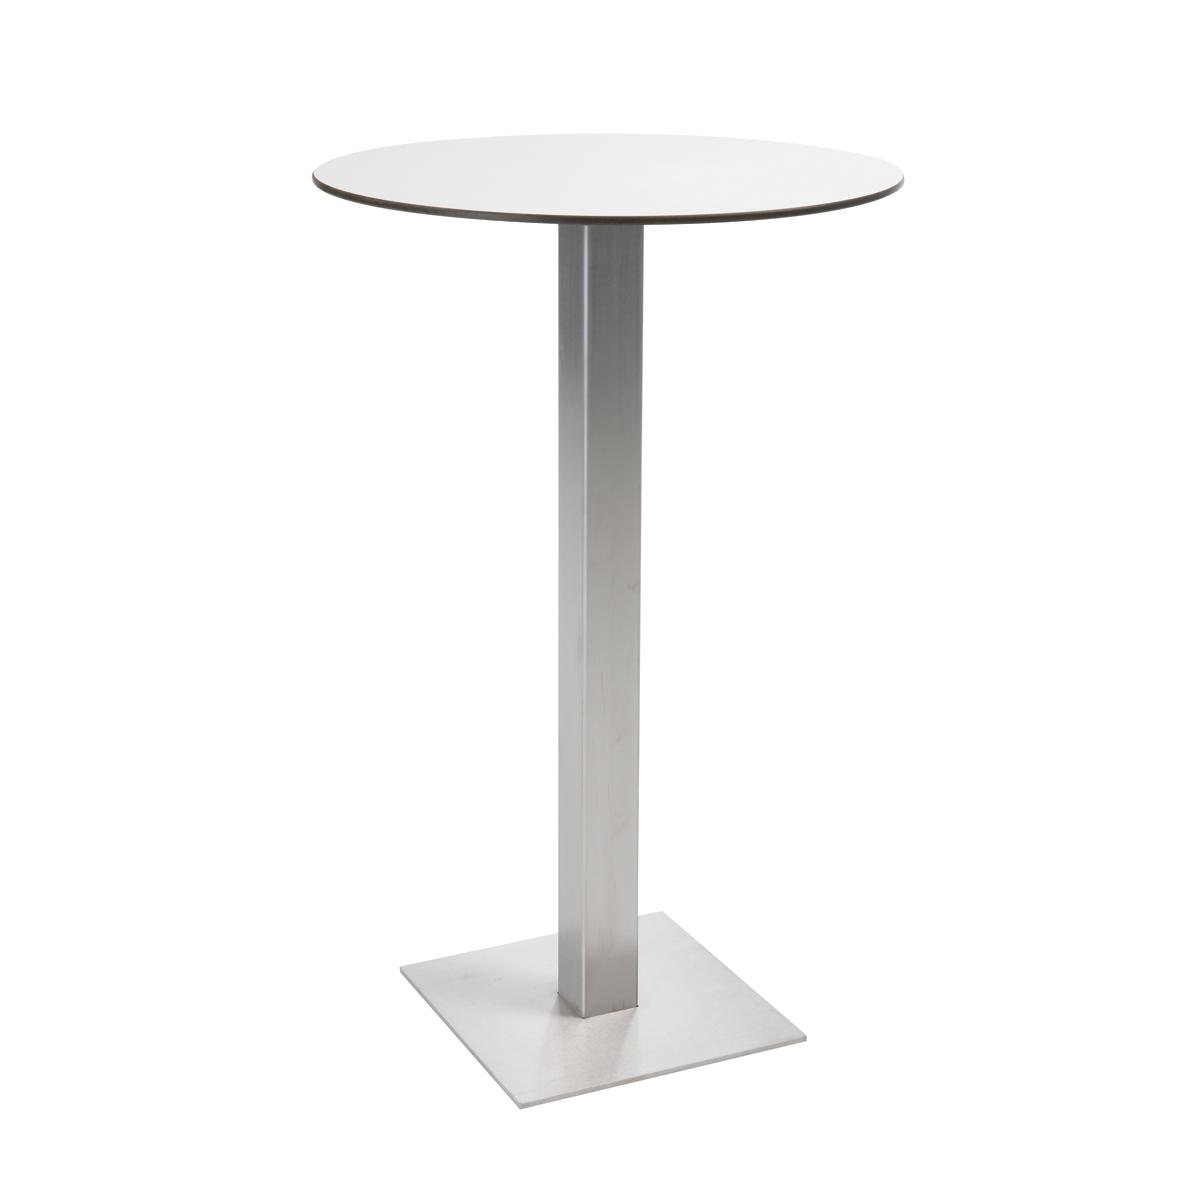 table mange debout inox blanc ronde femat pour ma f te je suis par. Black Bedroom Furniture Sets. Home Design Ideas